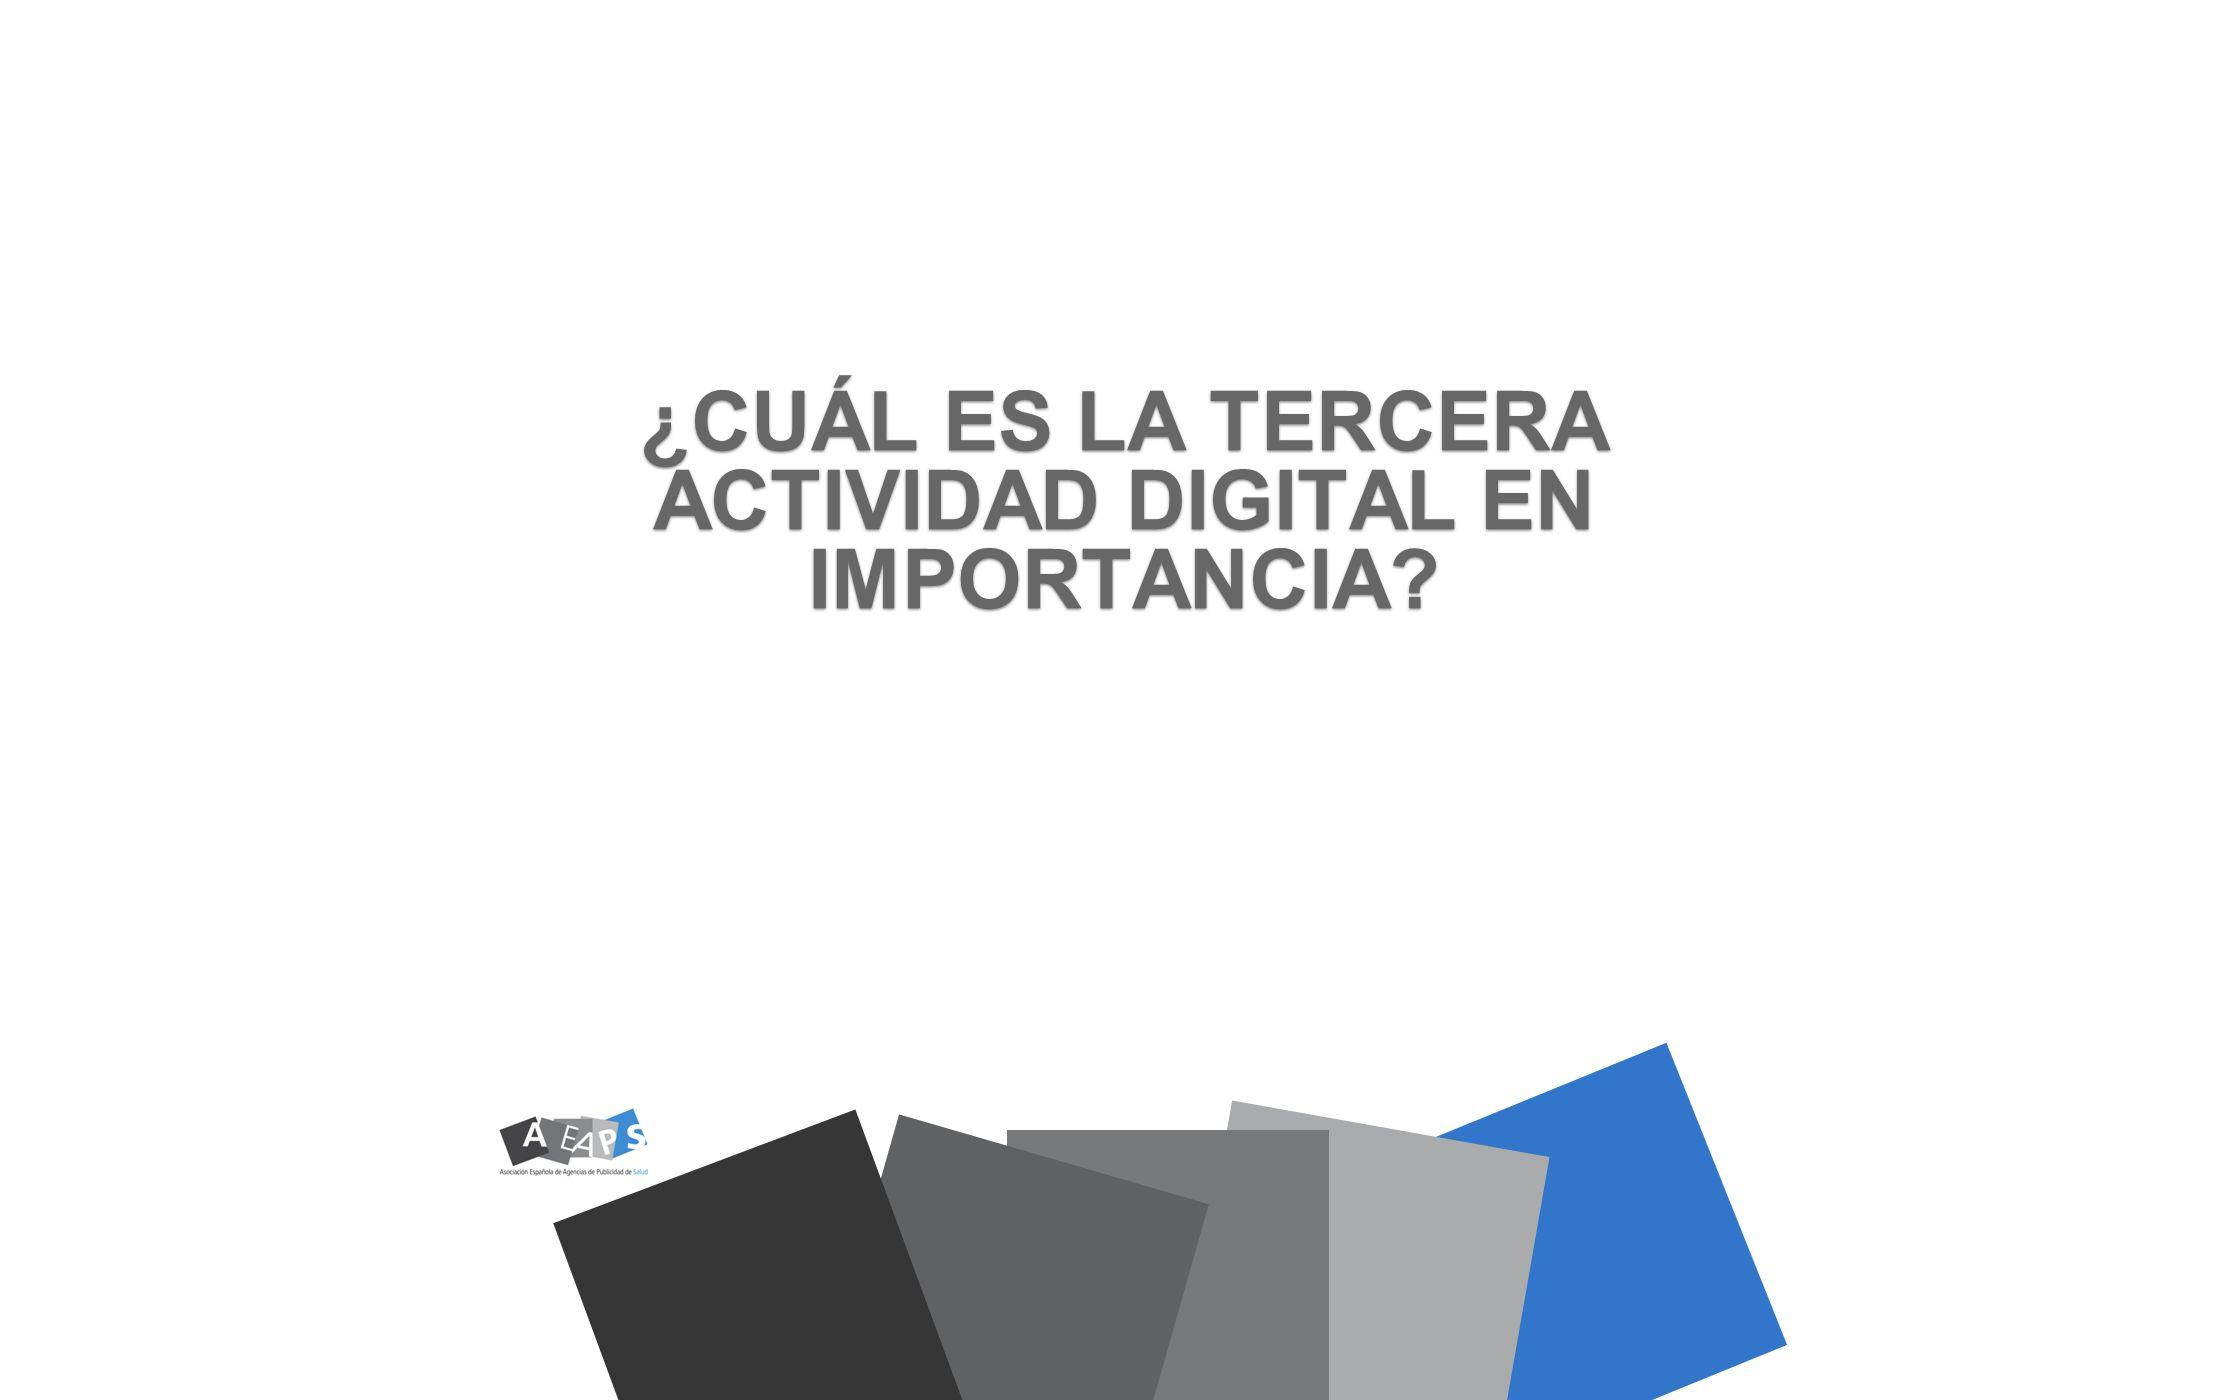 ¿CUÁL ES LA TERCERA ACTIVIDAD DIGITAL EN IMPORTANCIA